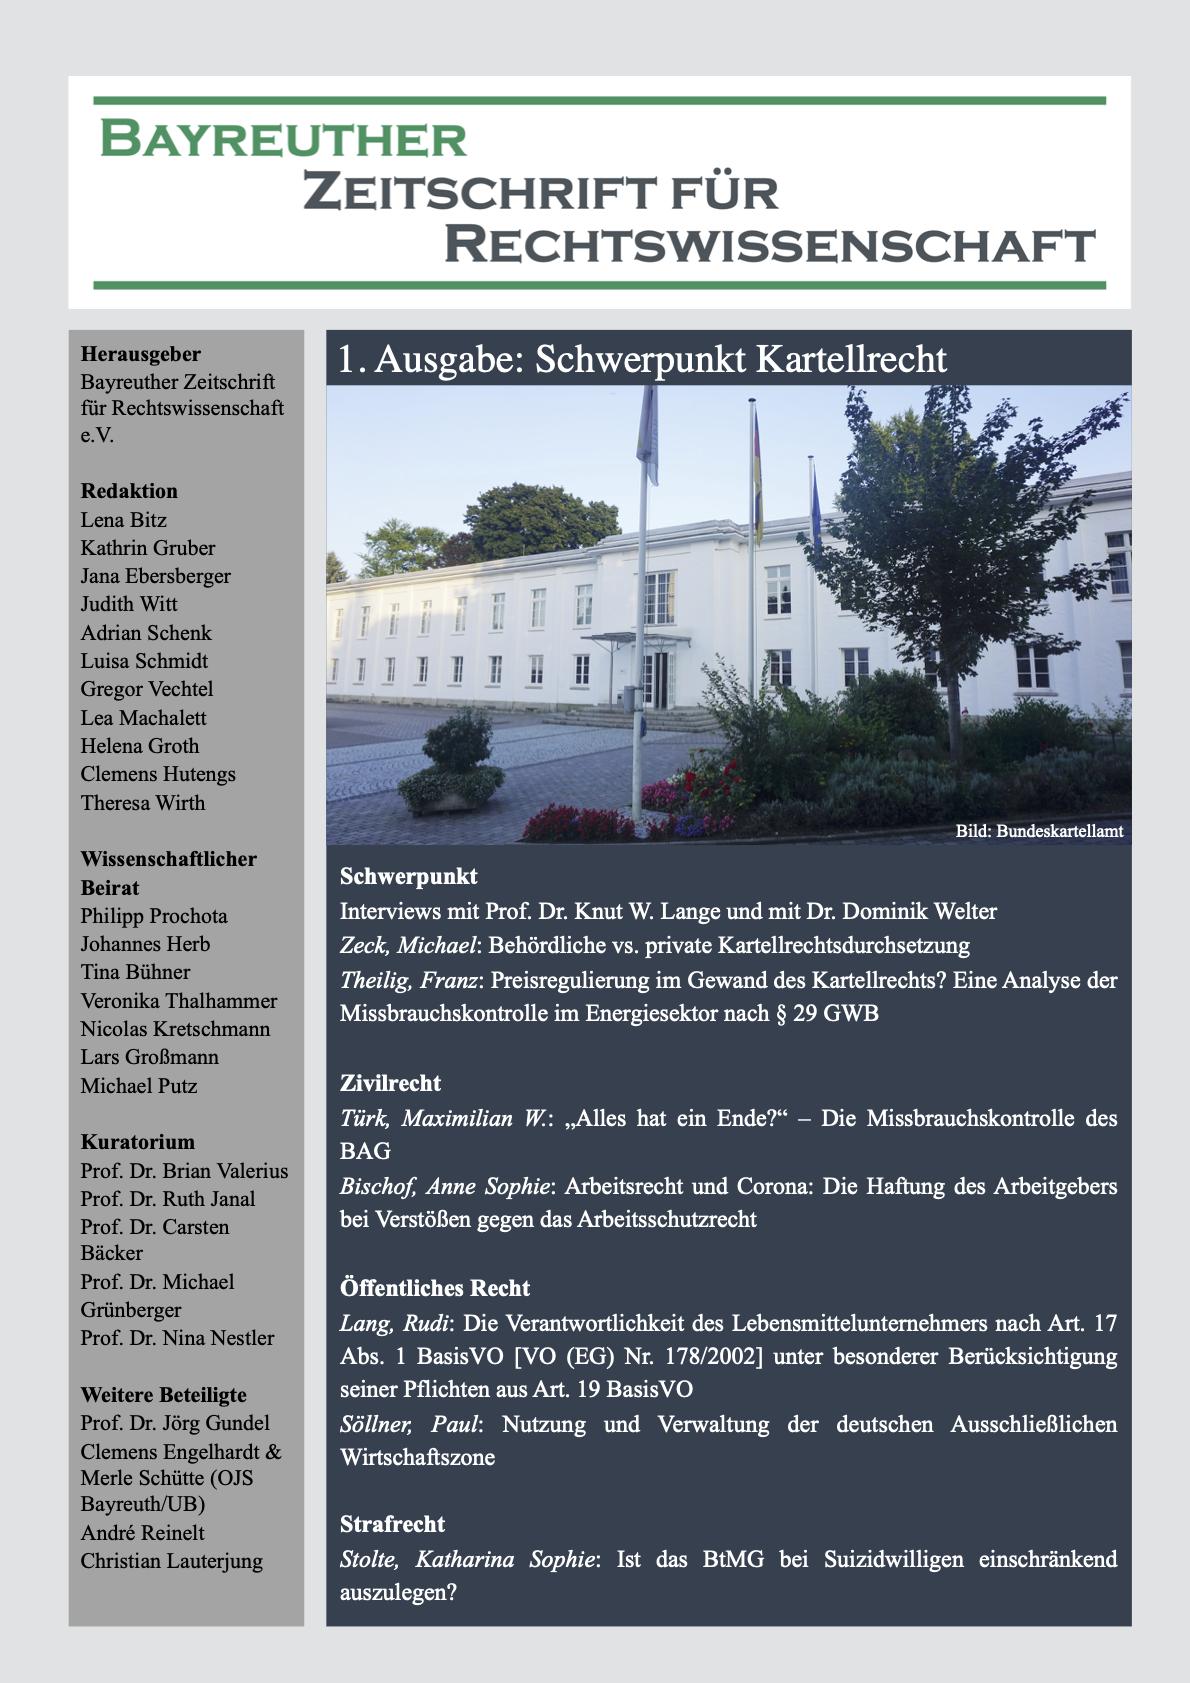 BayZR – Bayreuther Zeitschrift für Rechtswissenschaft –1. Ausgabe